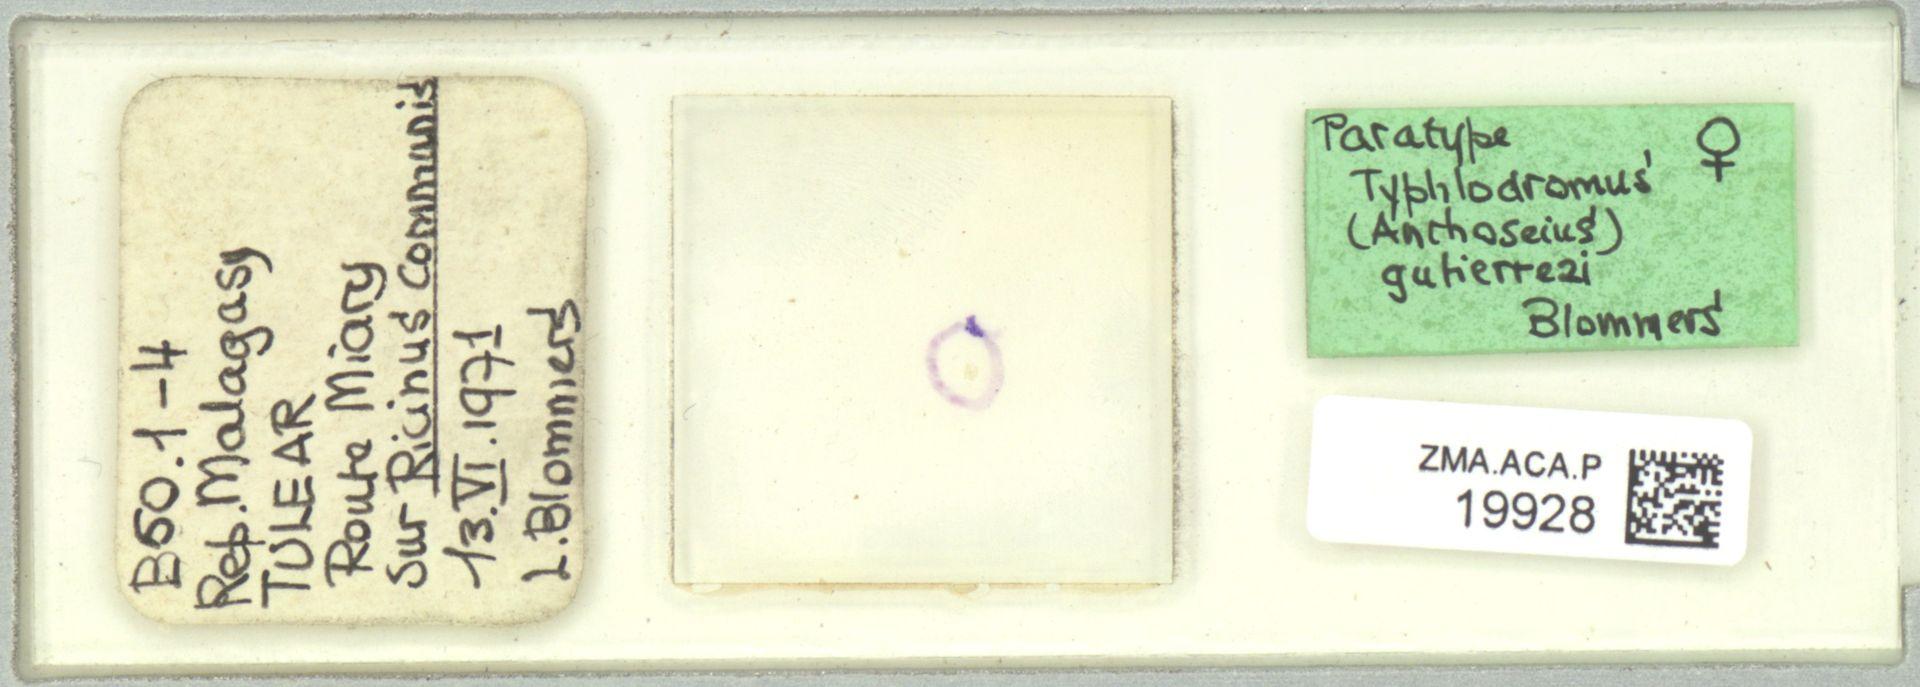 ZMA.ACA.P.19928 | Typhlodromus (Anthoseius) gutierrezi Blommers, 1973